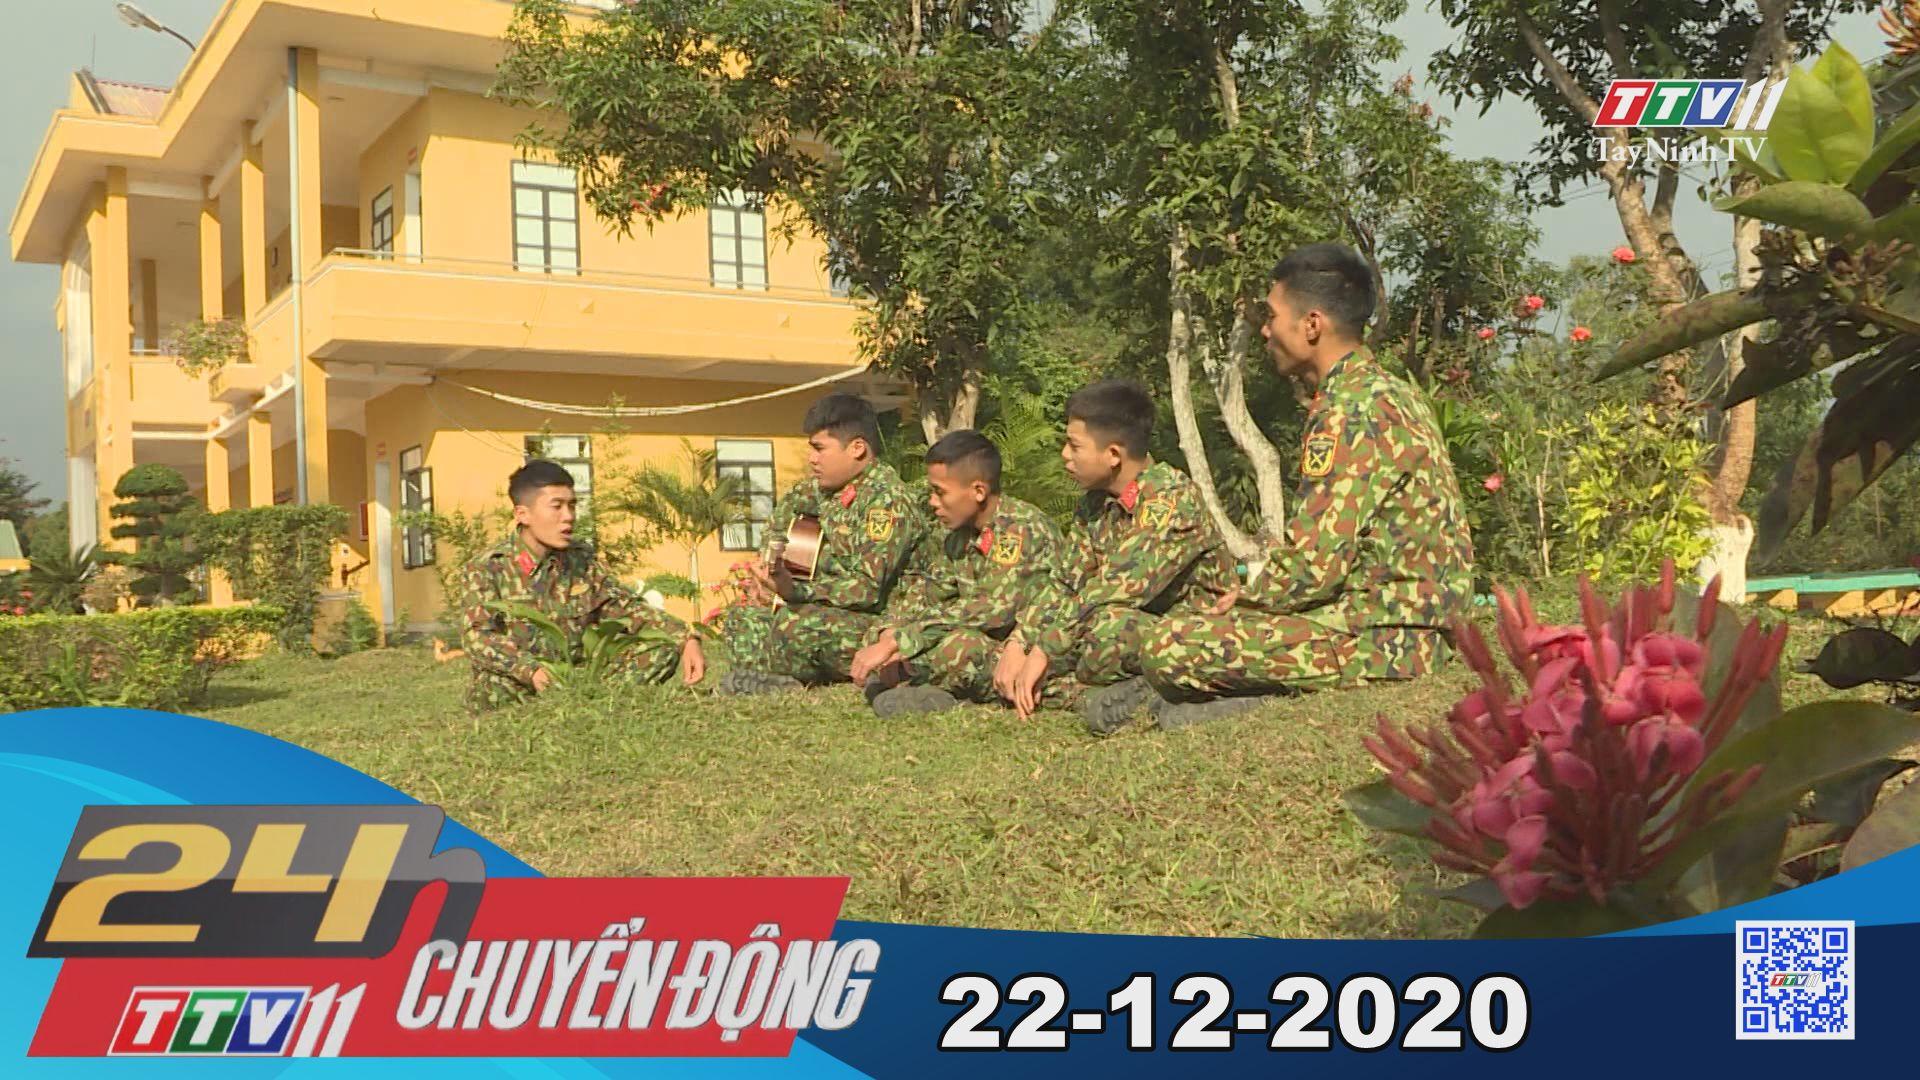 24h Chuyển động 22-12-2020 | Tin tức hôm nay | TayNinhTV